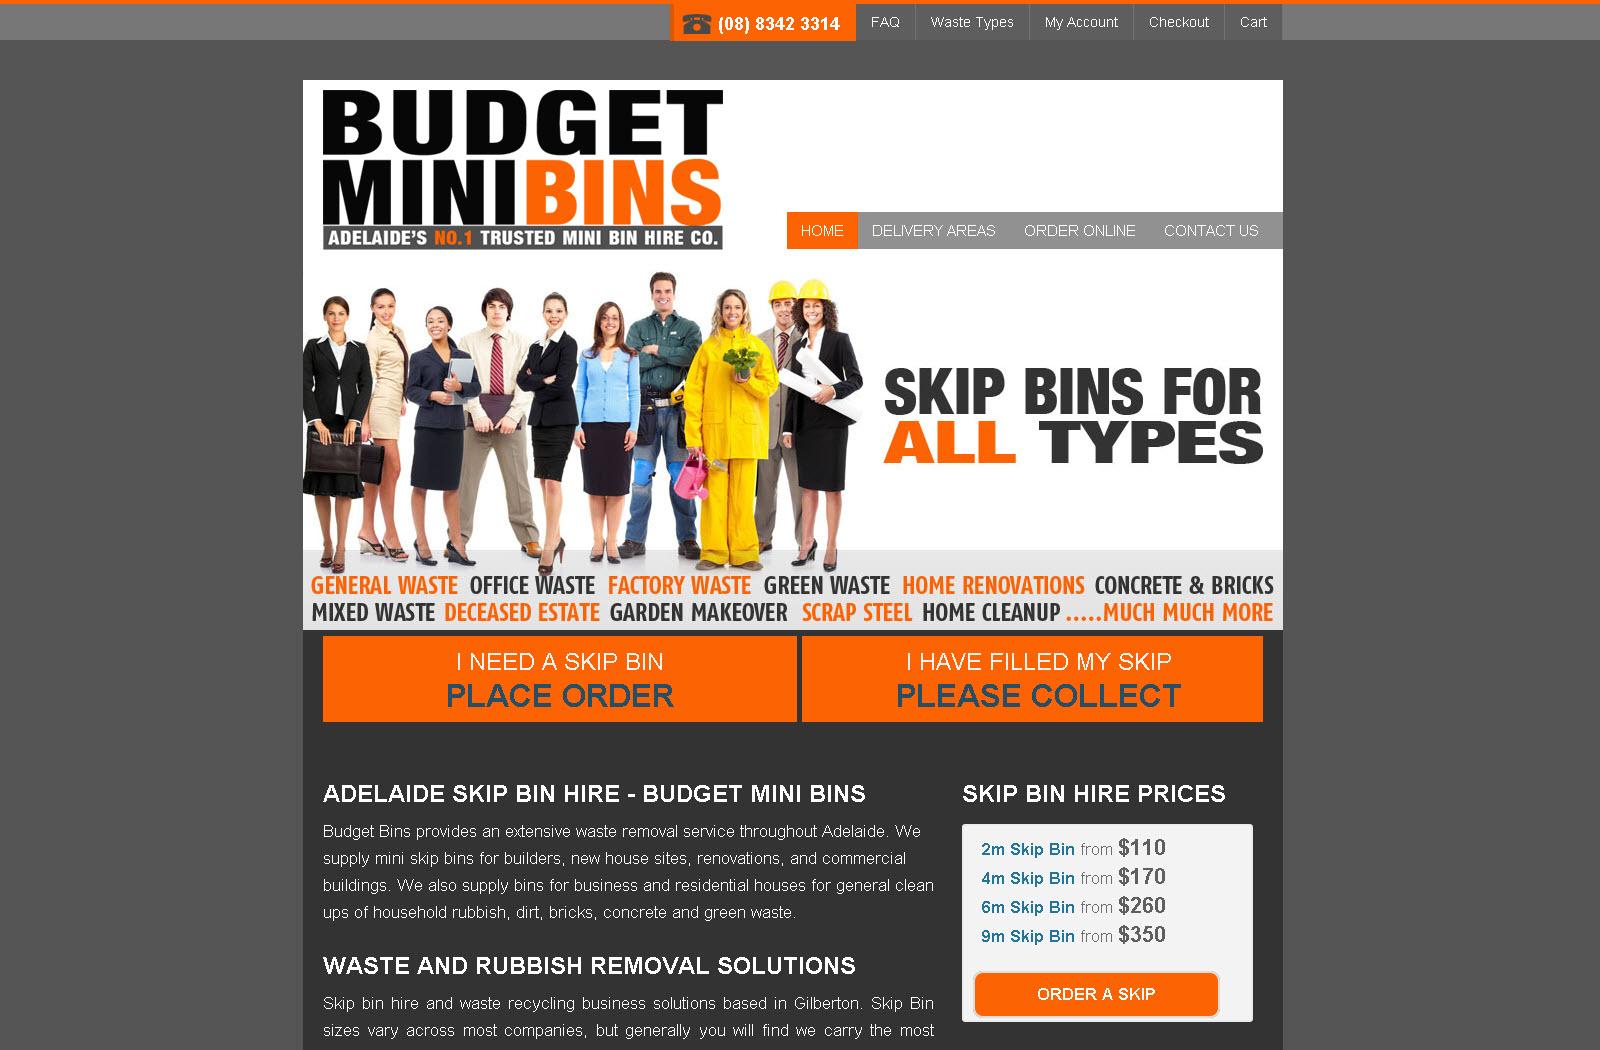 Budget Mini Bins